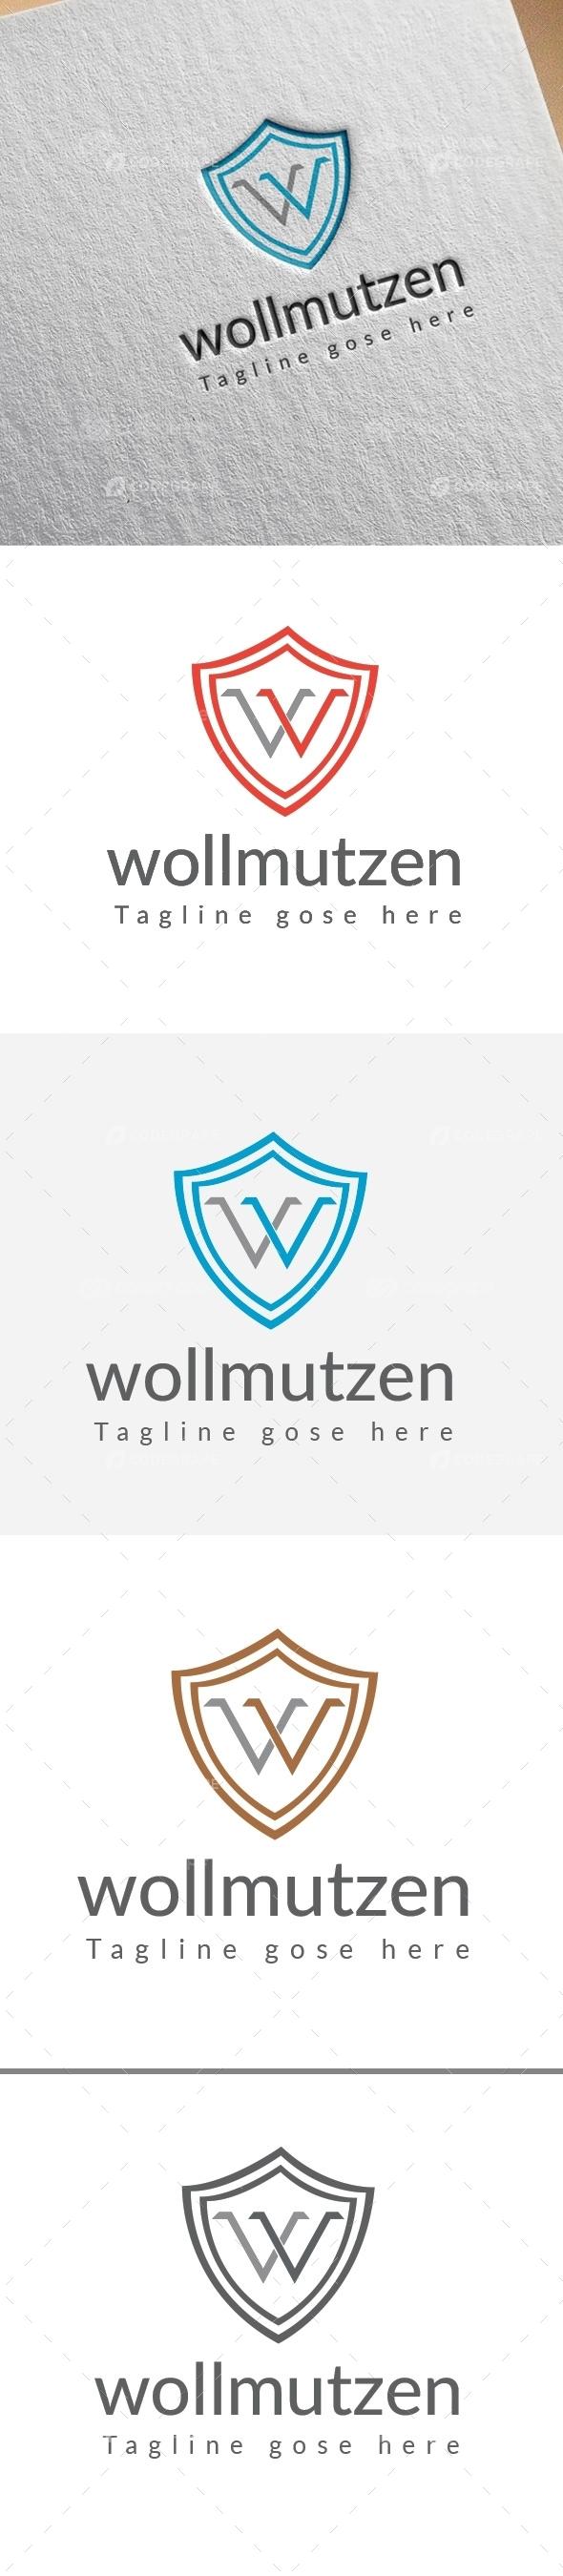 Wollmutzen Logo